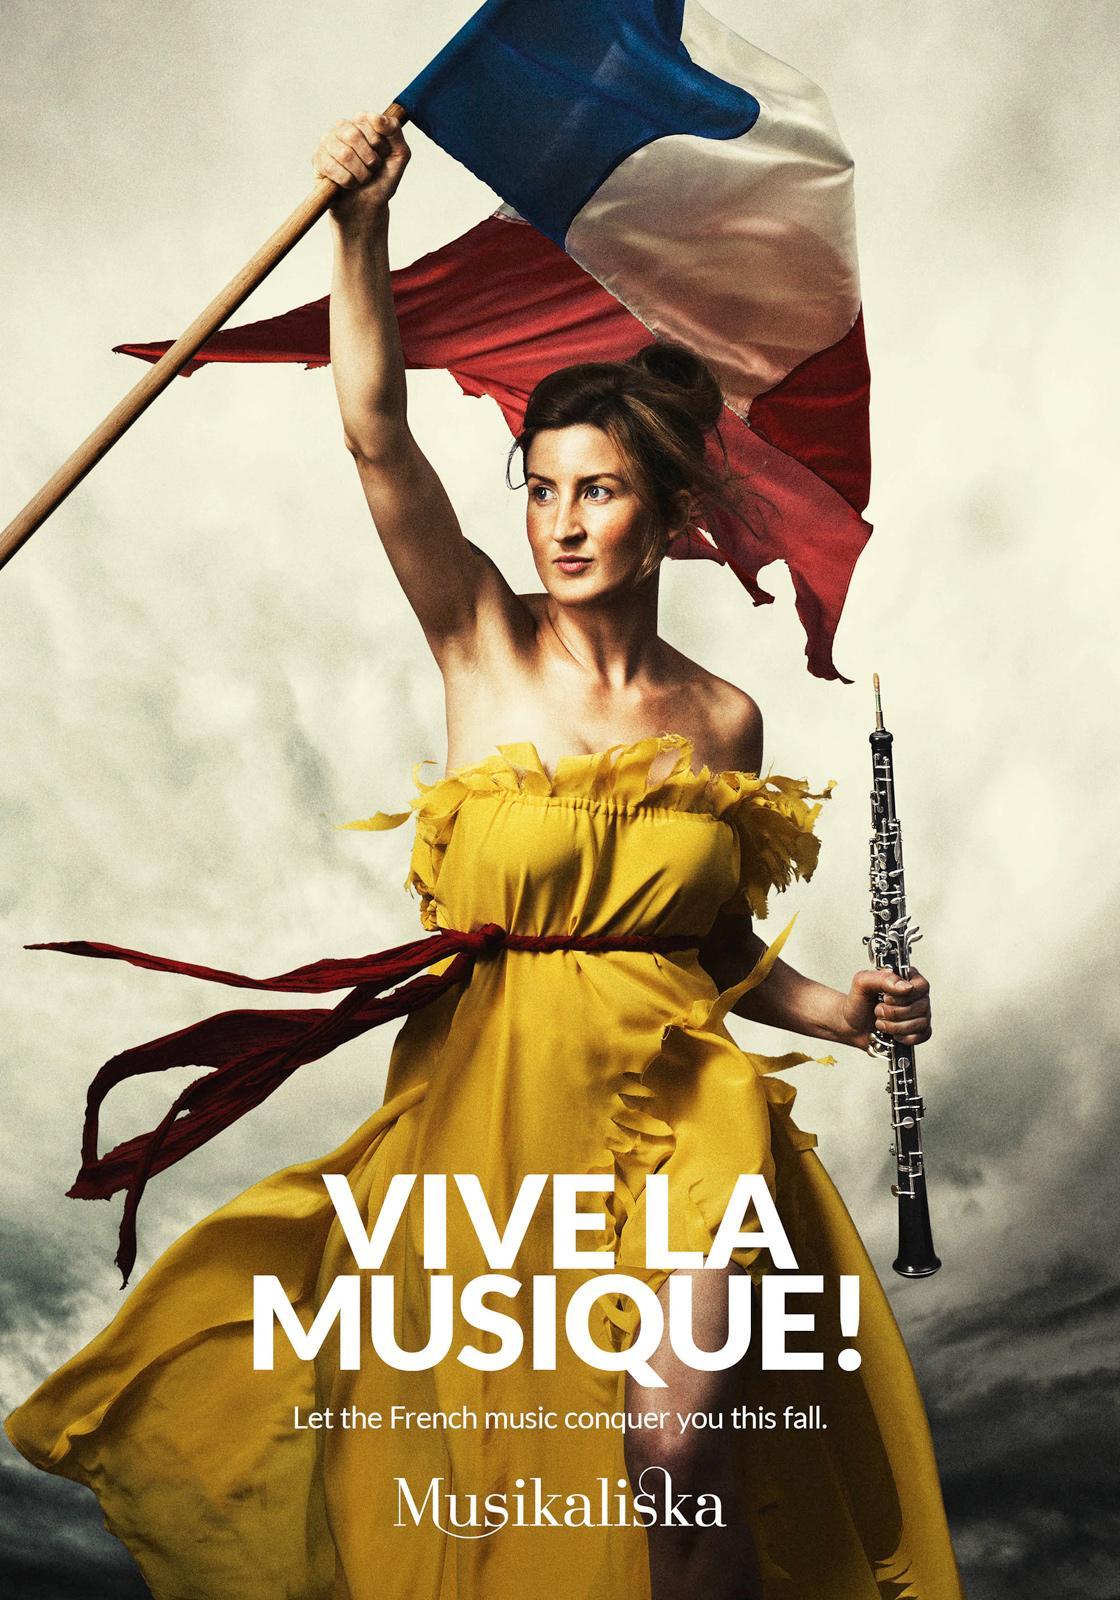 Musikaliska Concert Hall Print Ad -  Marianne